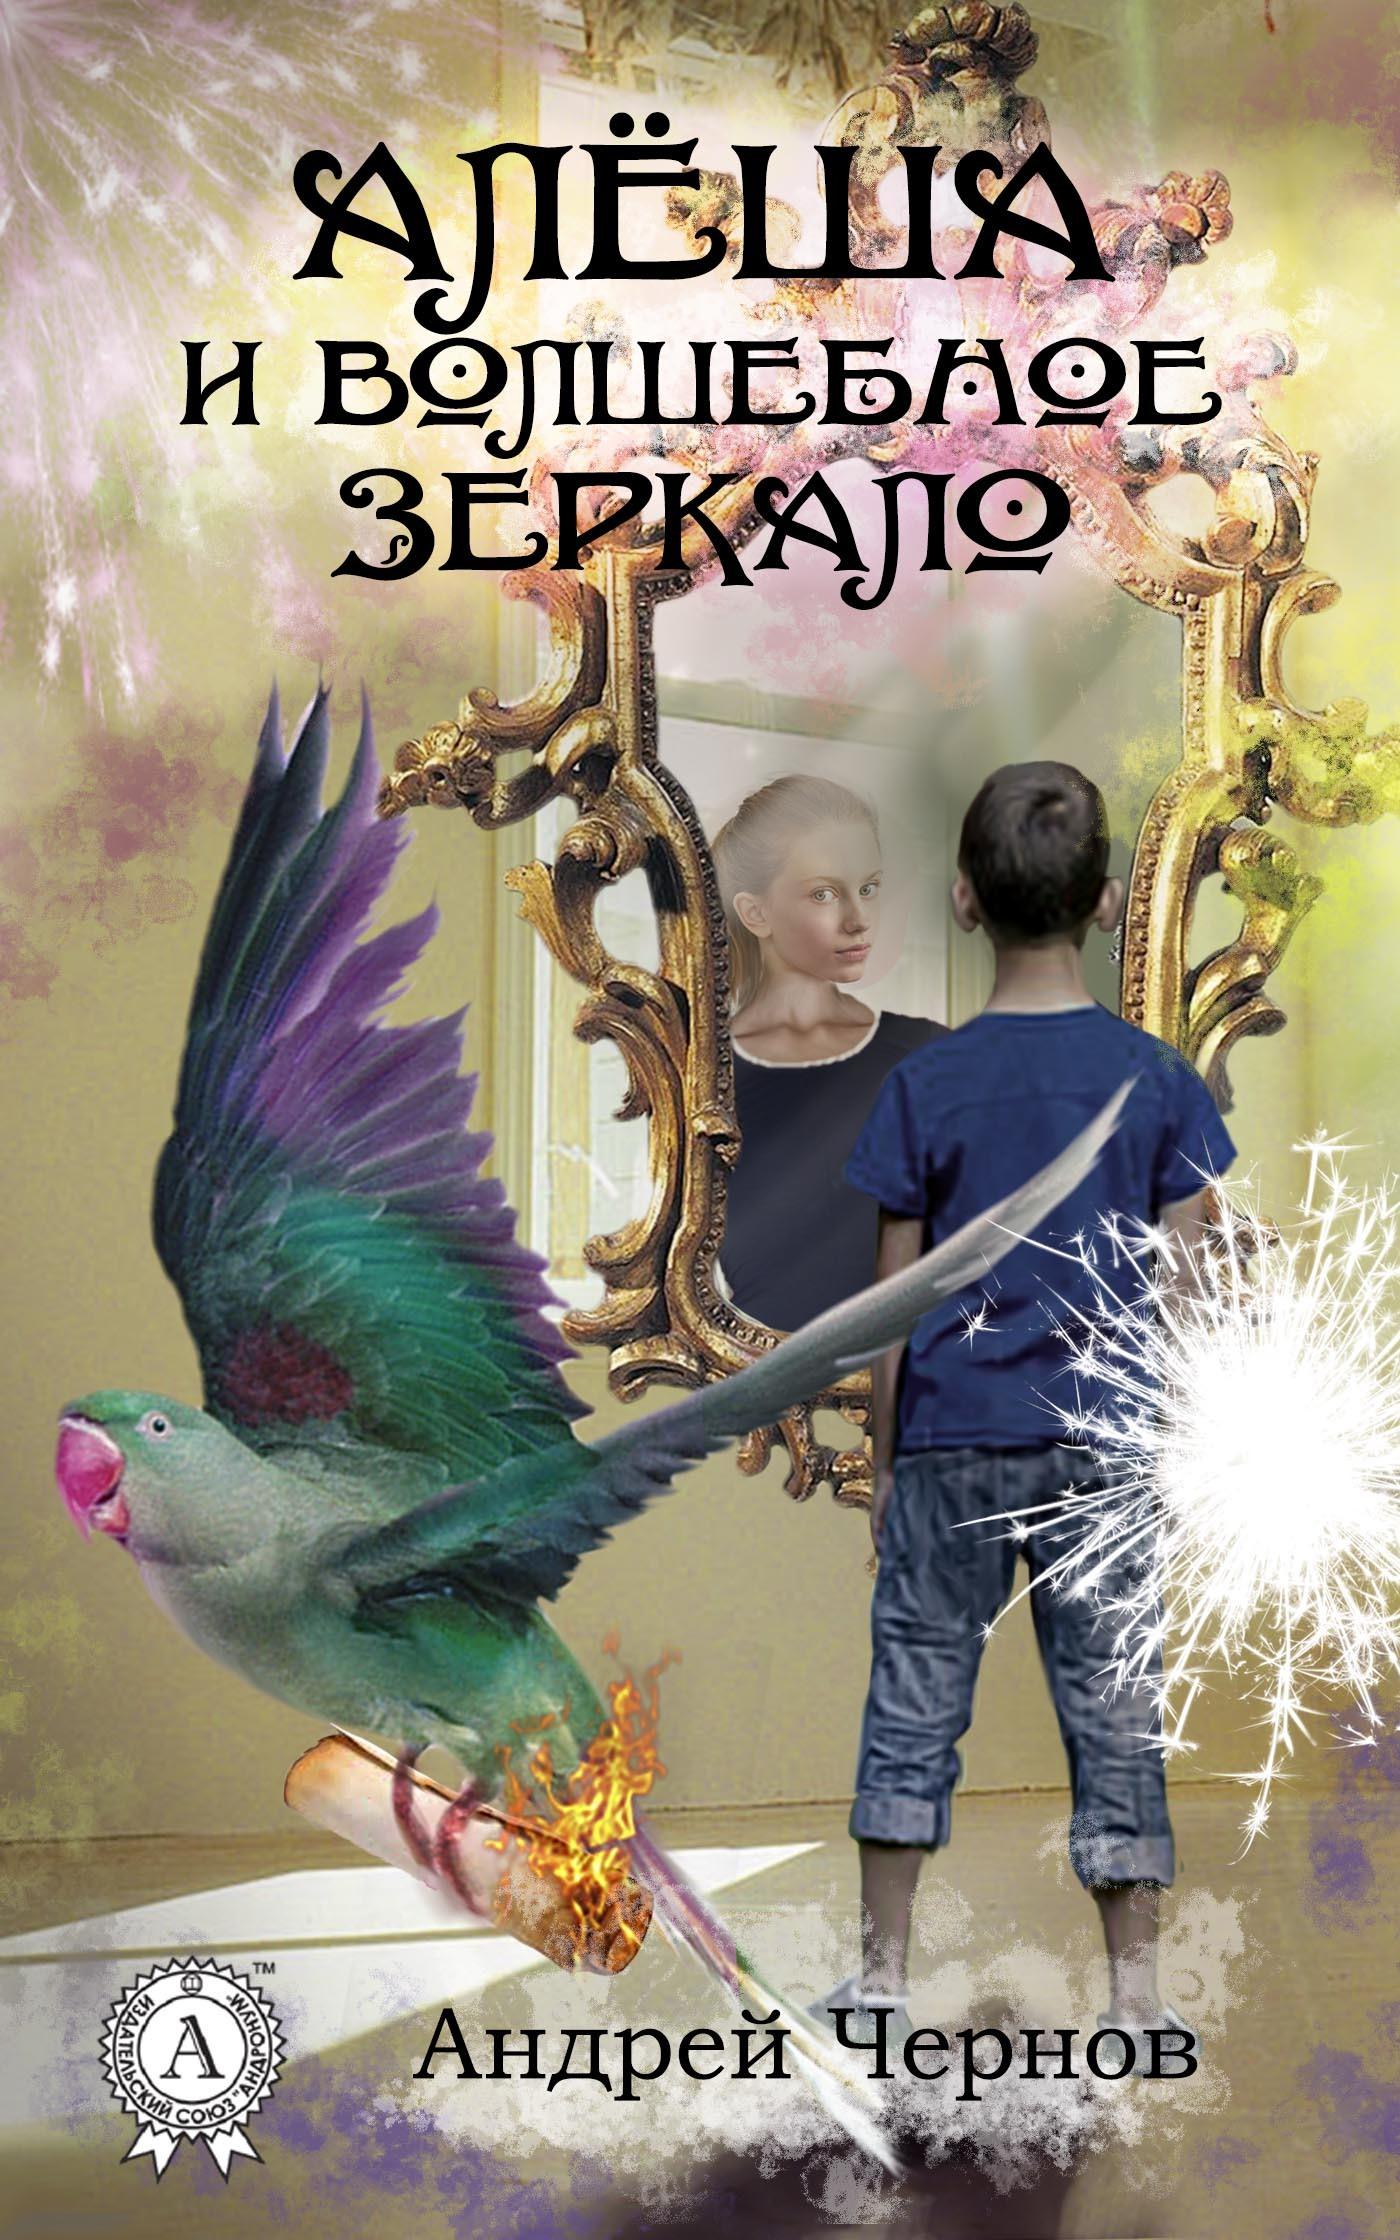 Андрей Чернов Алёша и волшебное зеркало брат алёша